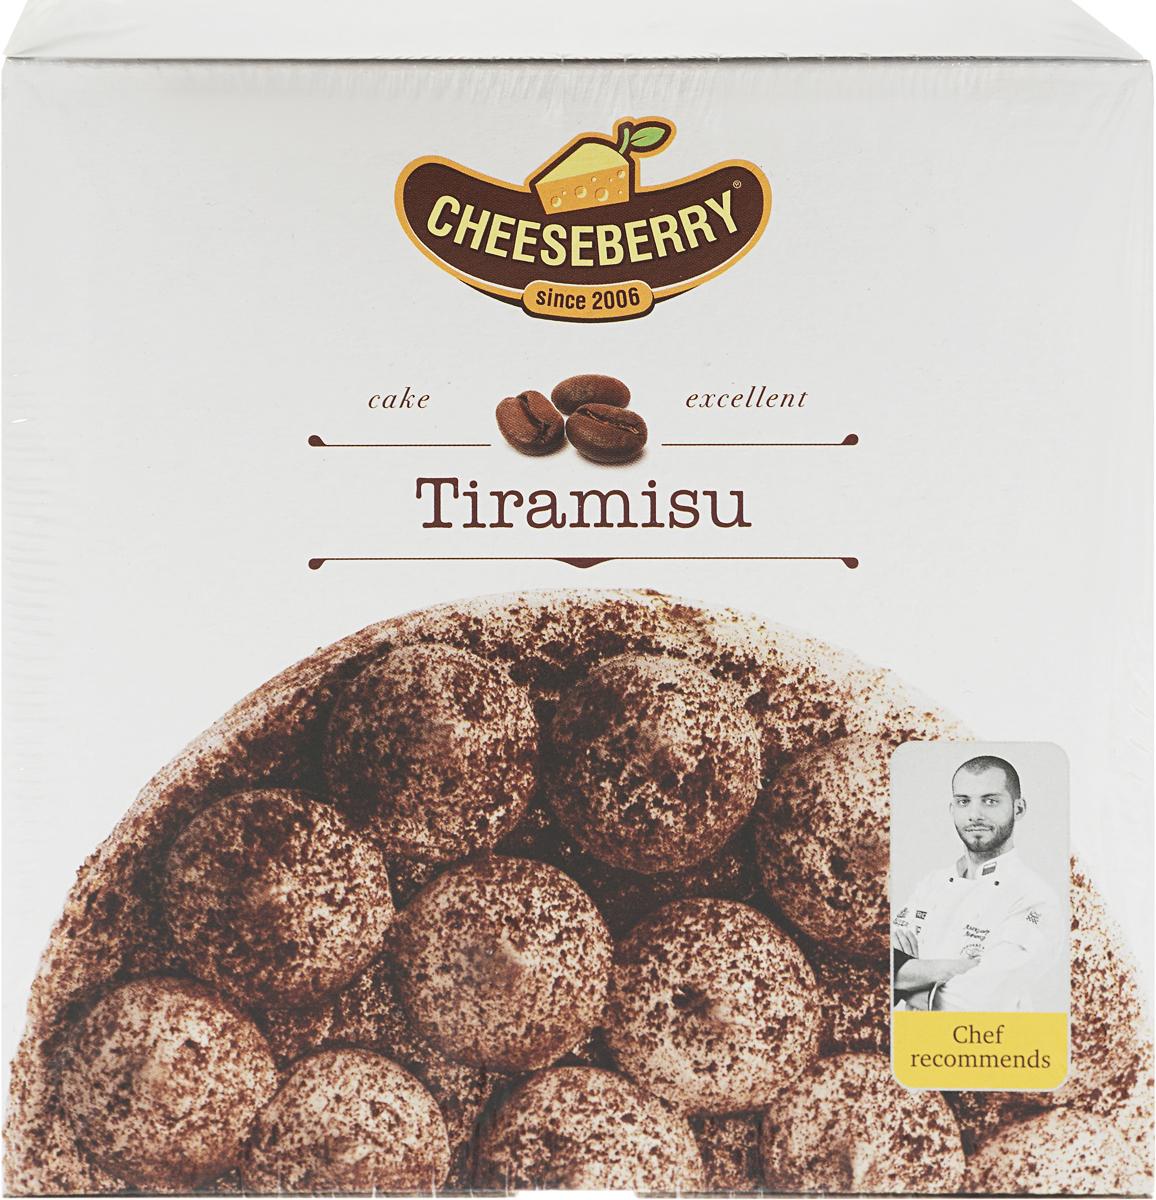 Cheeseberry Торт Тирамису, 350 г протеин qnt протеин metapure zero carb вкус тирамису 2 кг